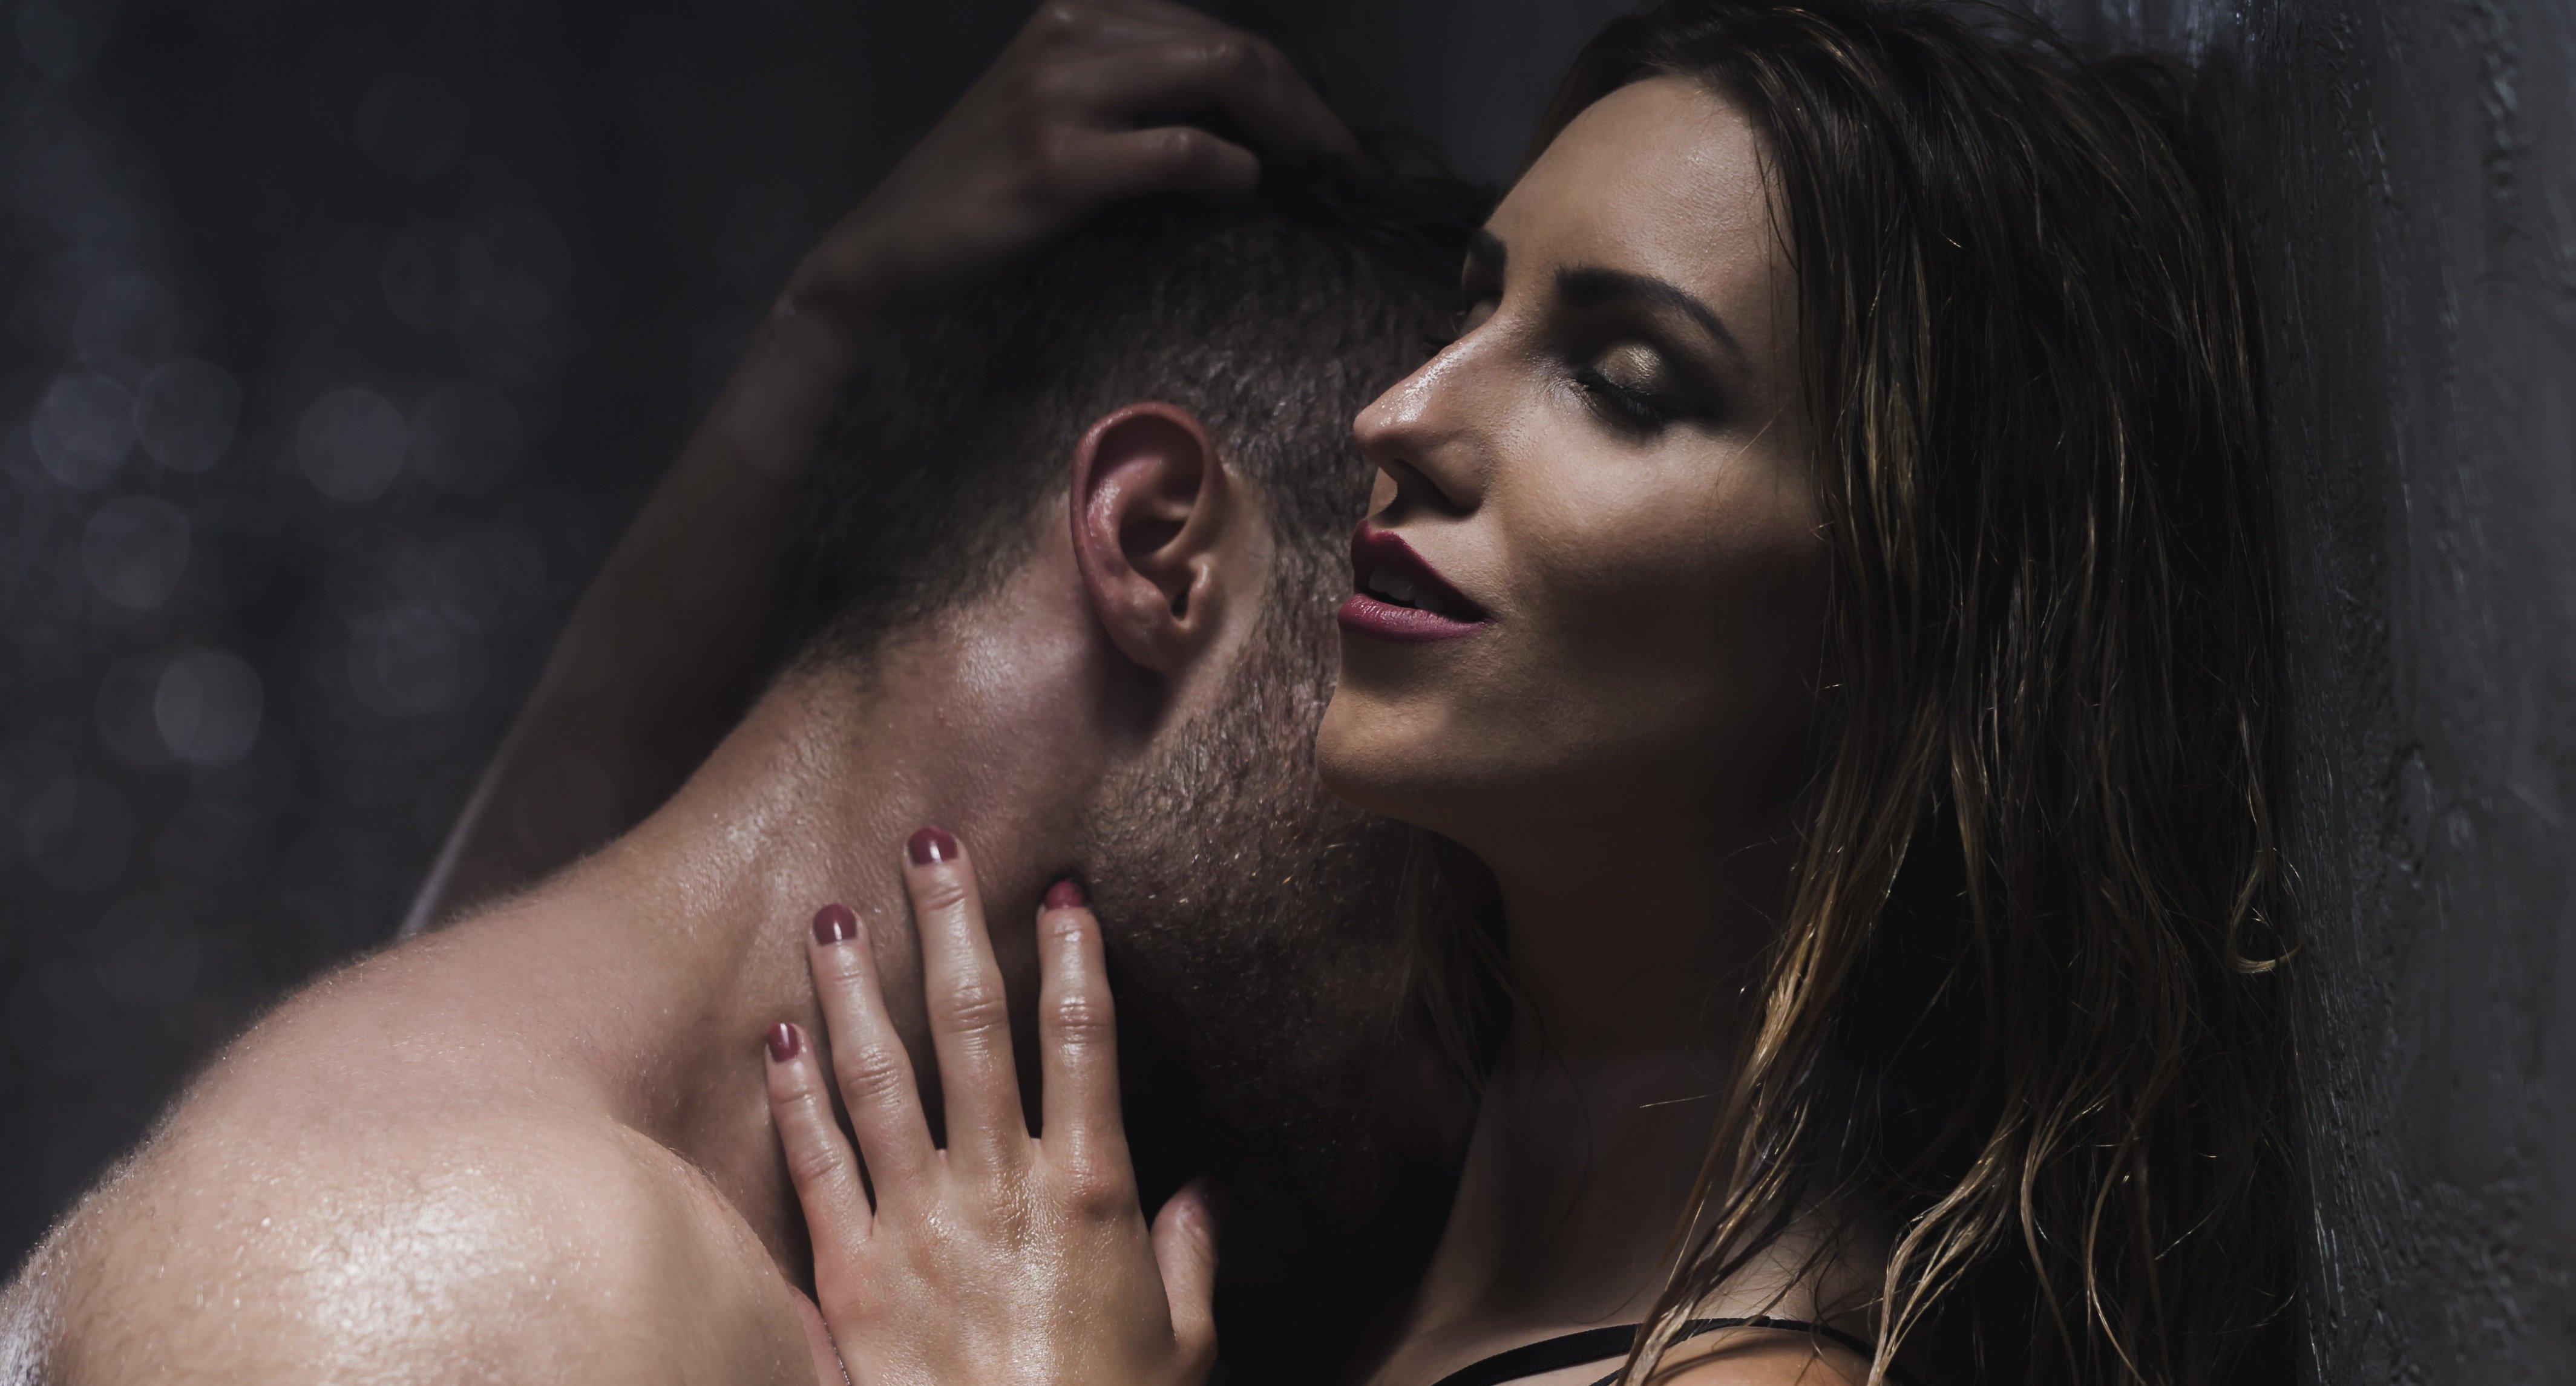 Mají muži a ženy chuť na sex ze stejných důvodů?